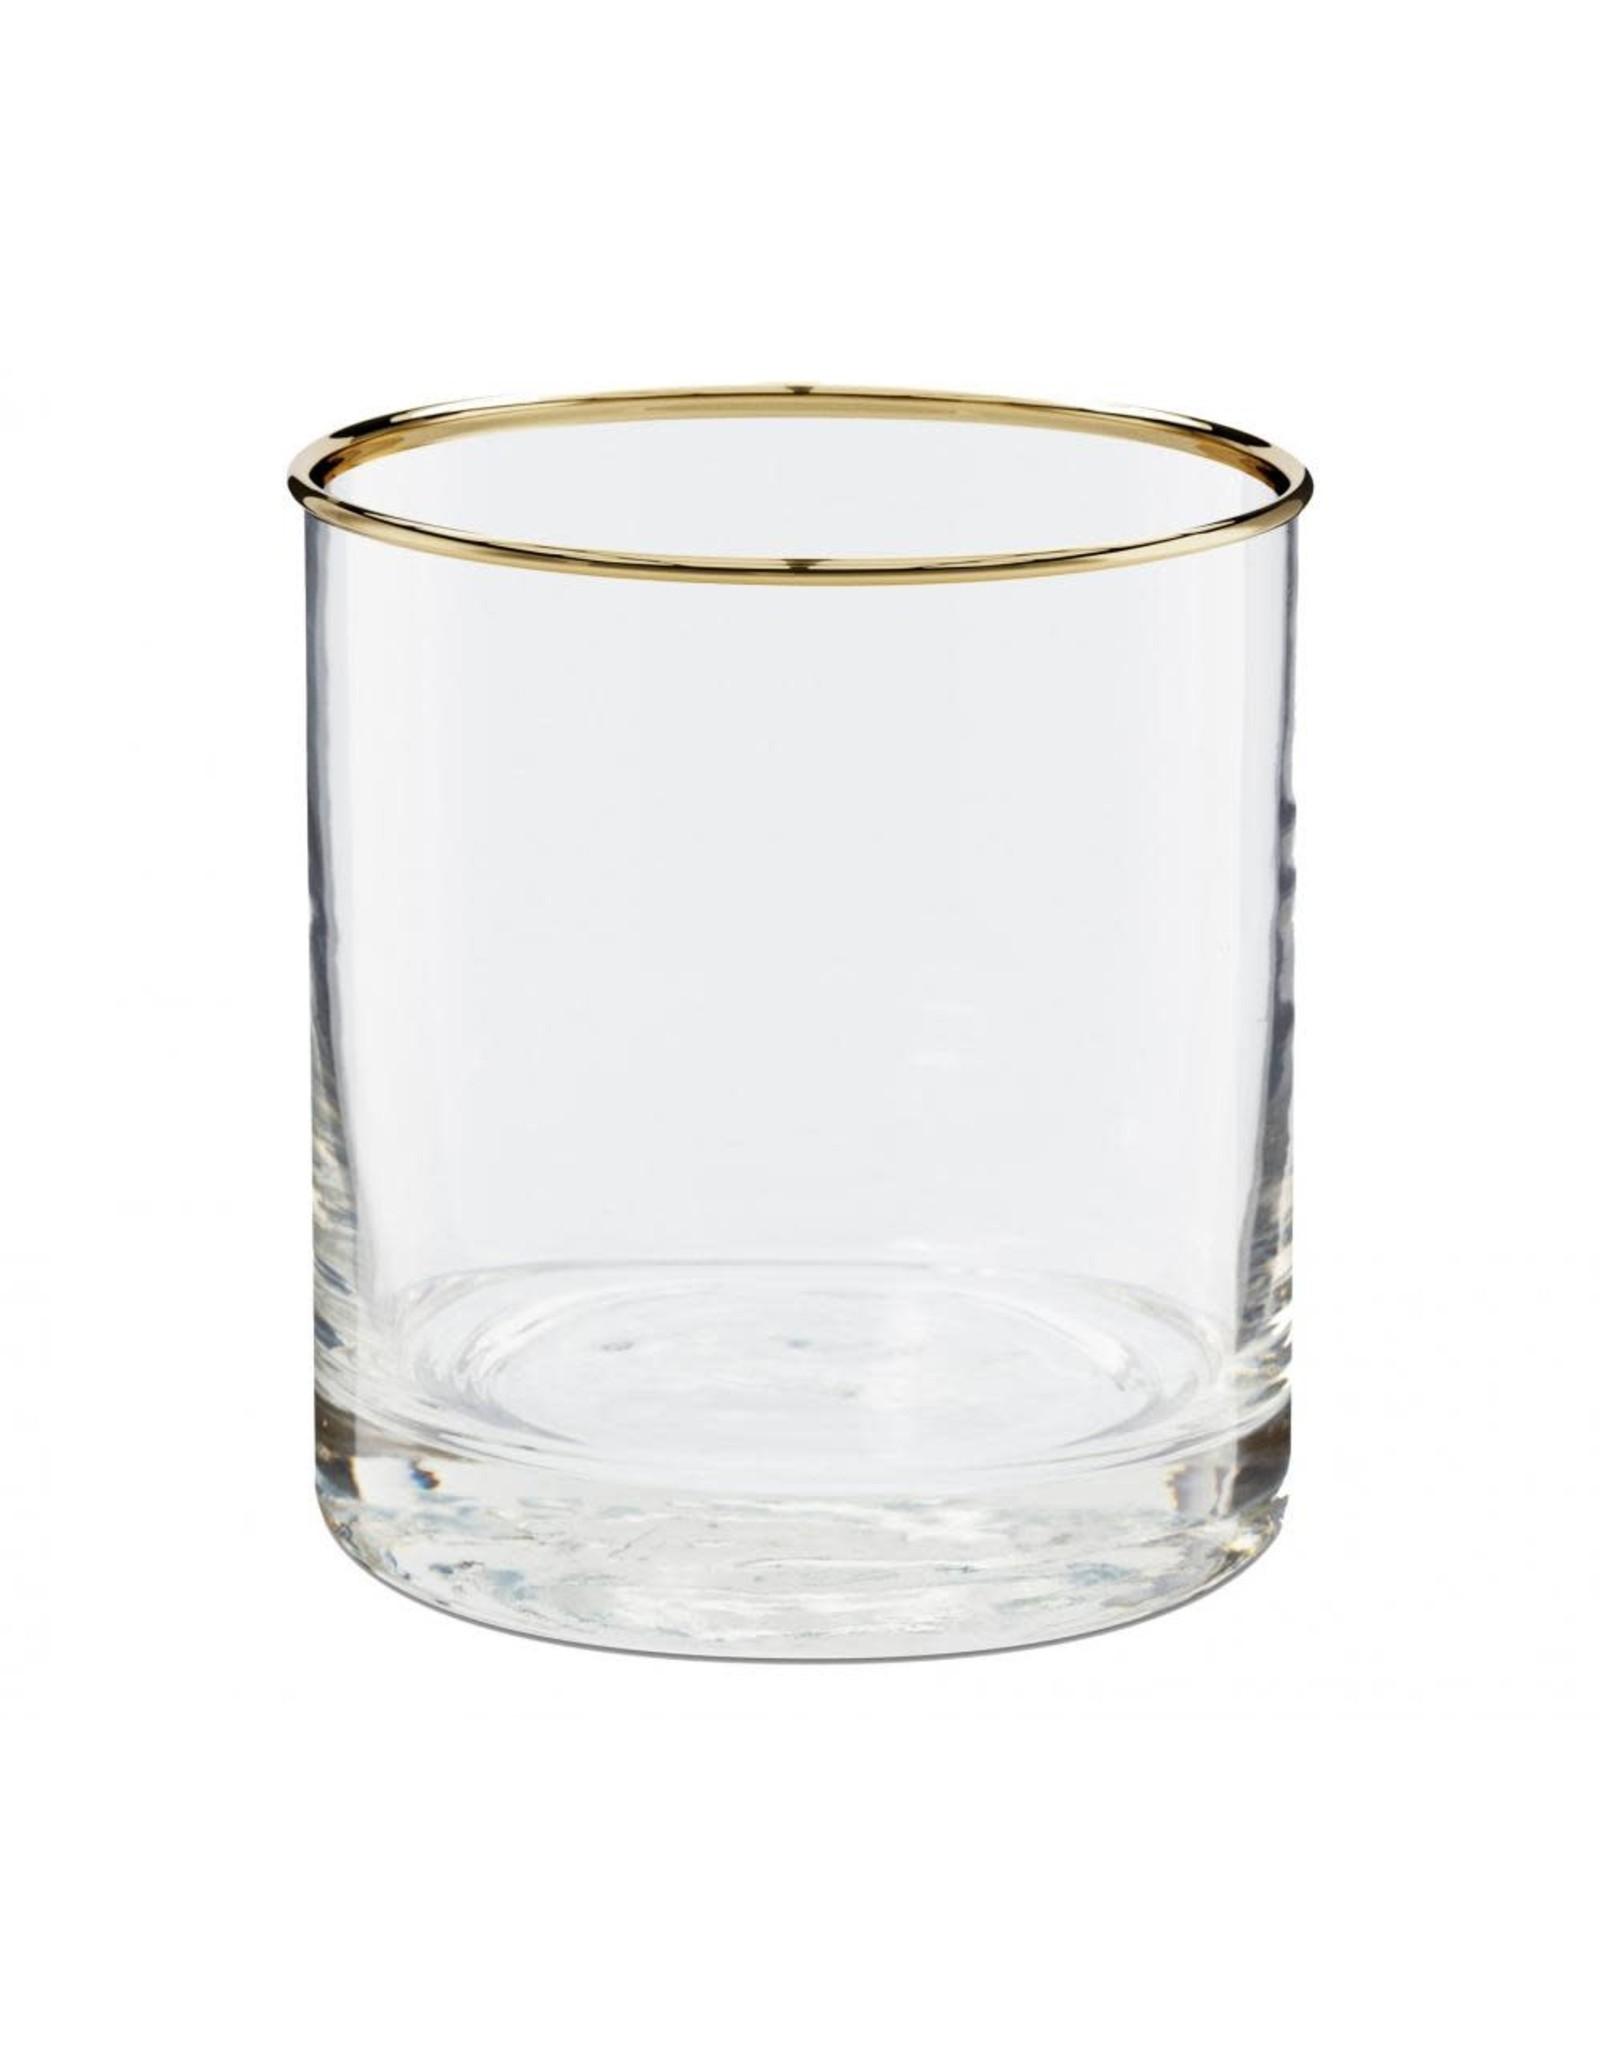 vt-wonen VT-WONEN. Decorative Glass 8x8x10cm